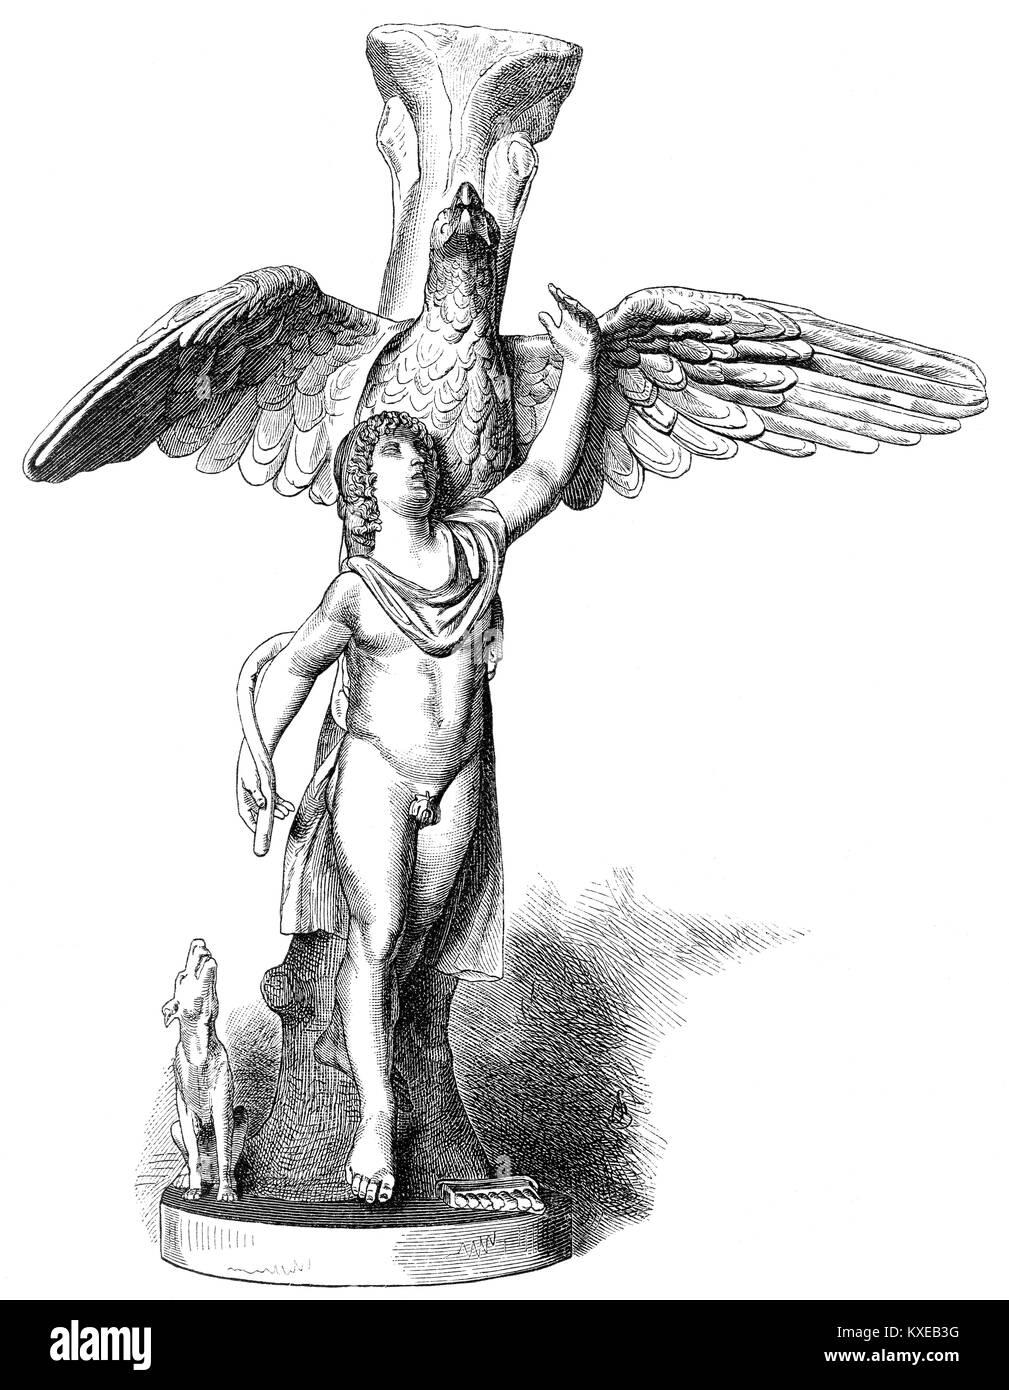 Greek mythology black and white stock photos images alamy ganymede or ganymedes greek mythology stock image buycottarizona